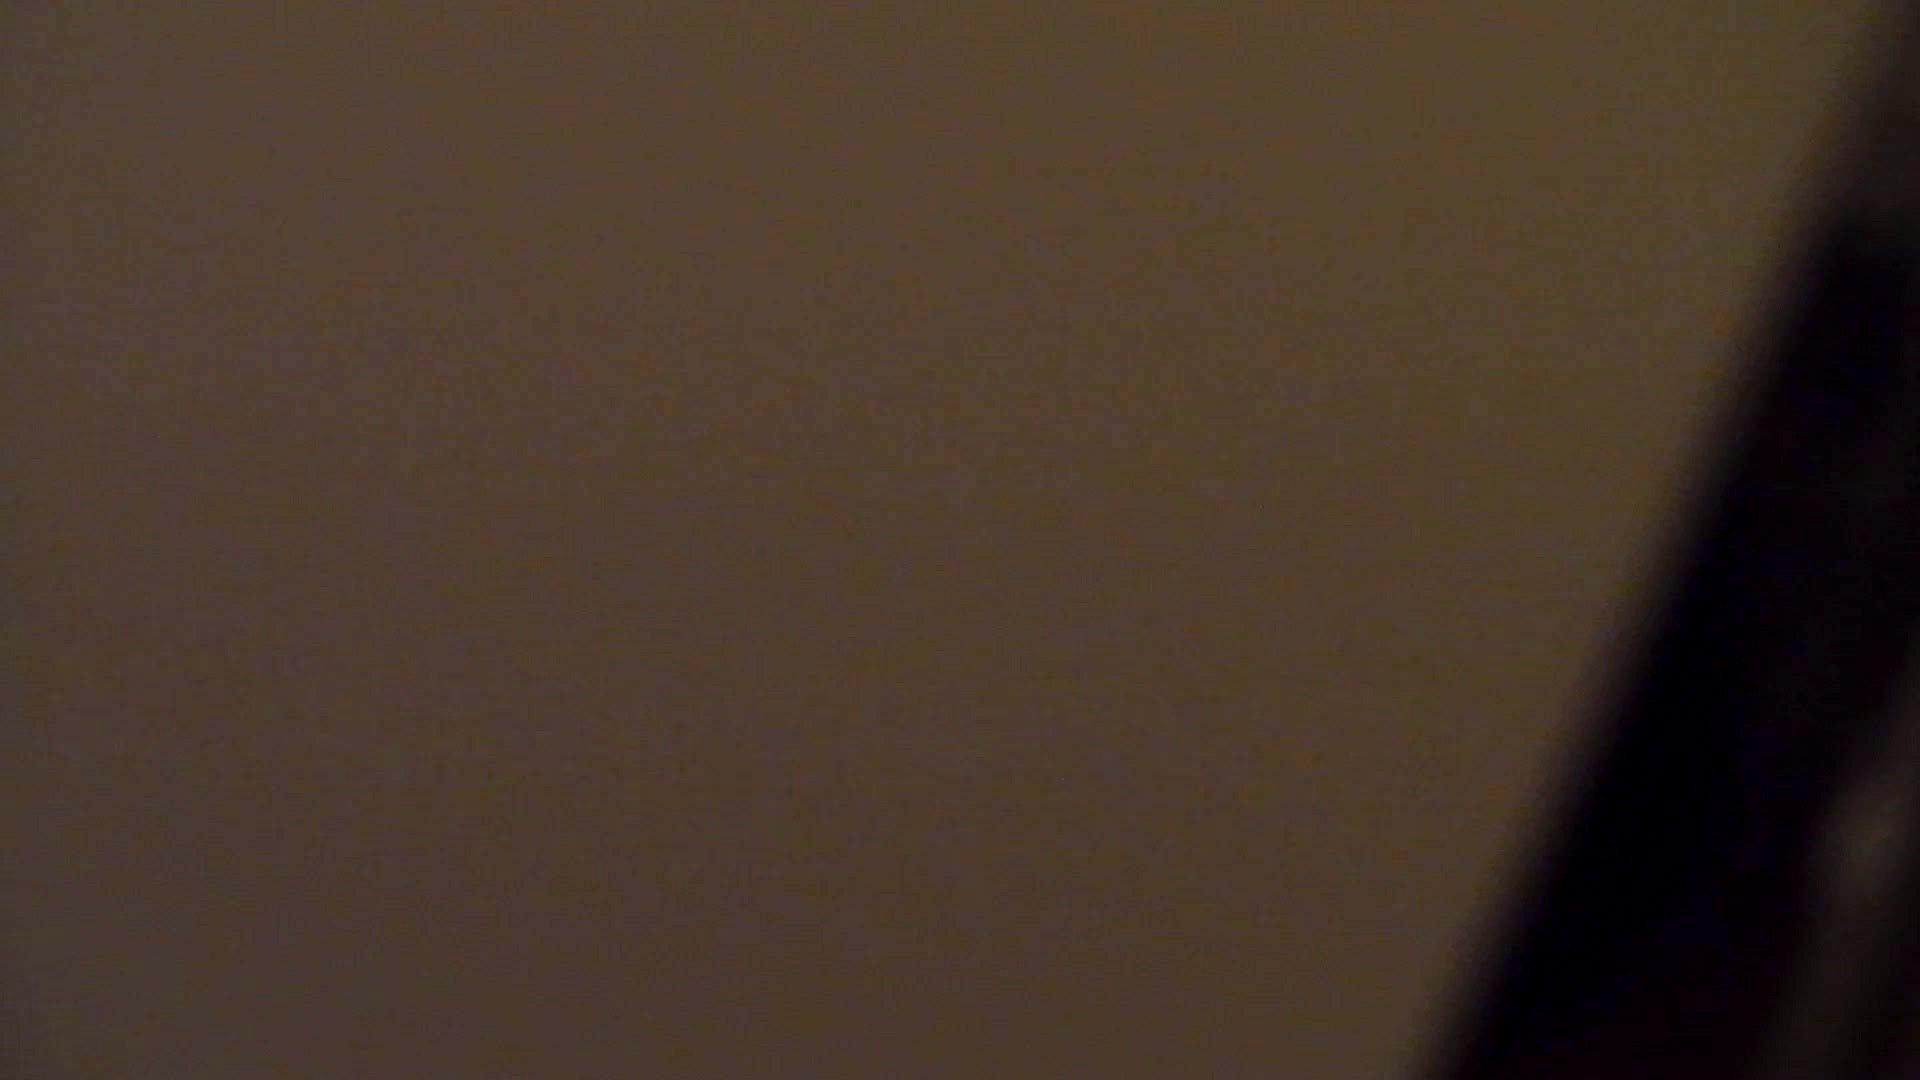 洗寿観音さんの 化粧室は四面楚歌Nol.1 洗面所  86PIX 44